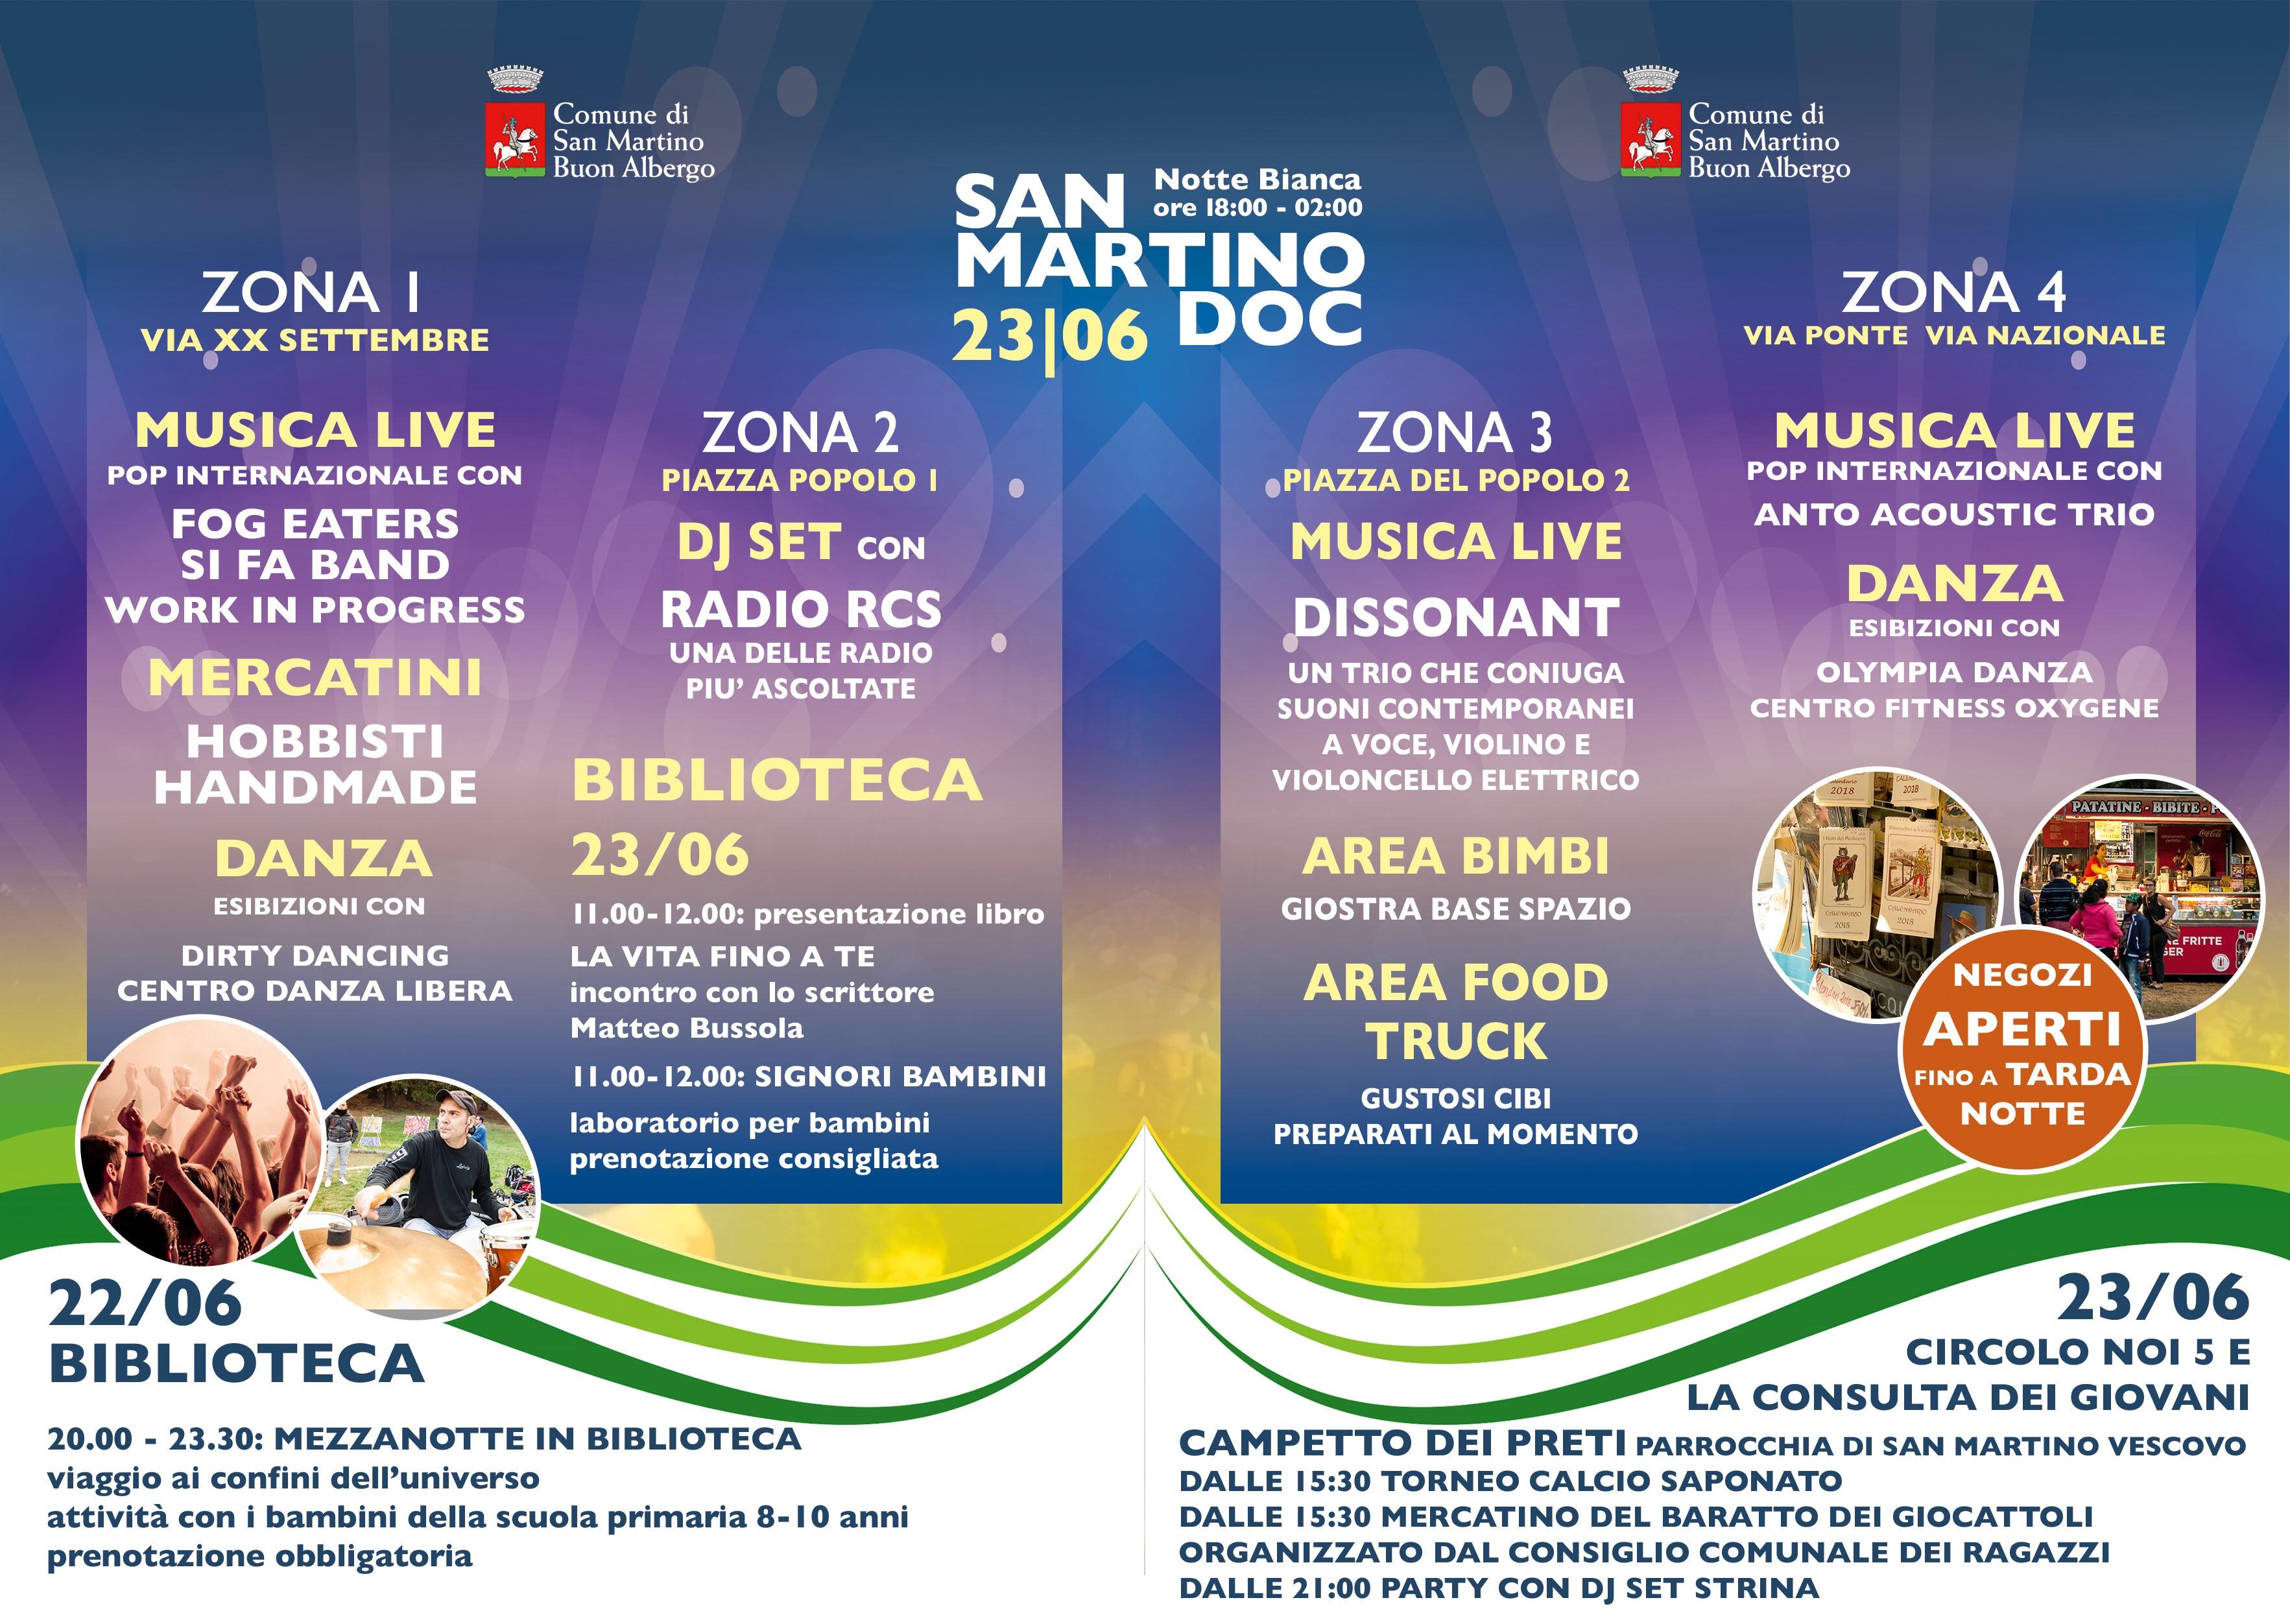 Giorno Di San Martino Calendario.San Martino Doc La Kermesse Che Lancia La Notte Bianca